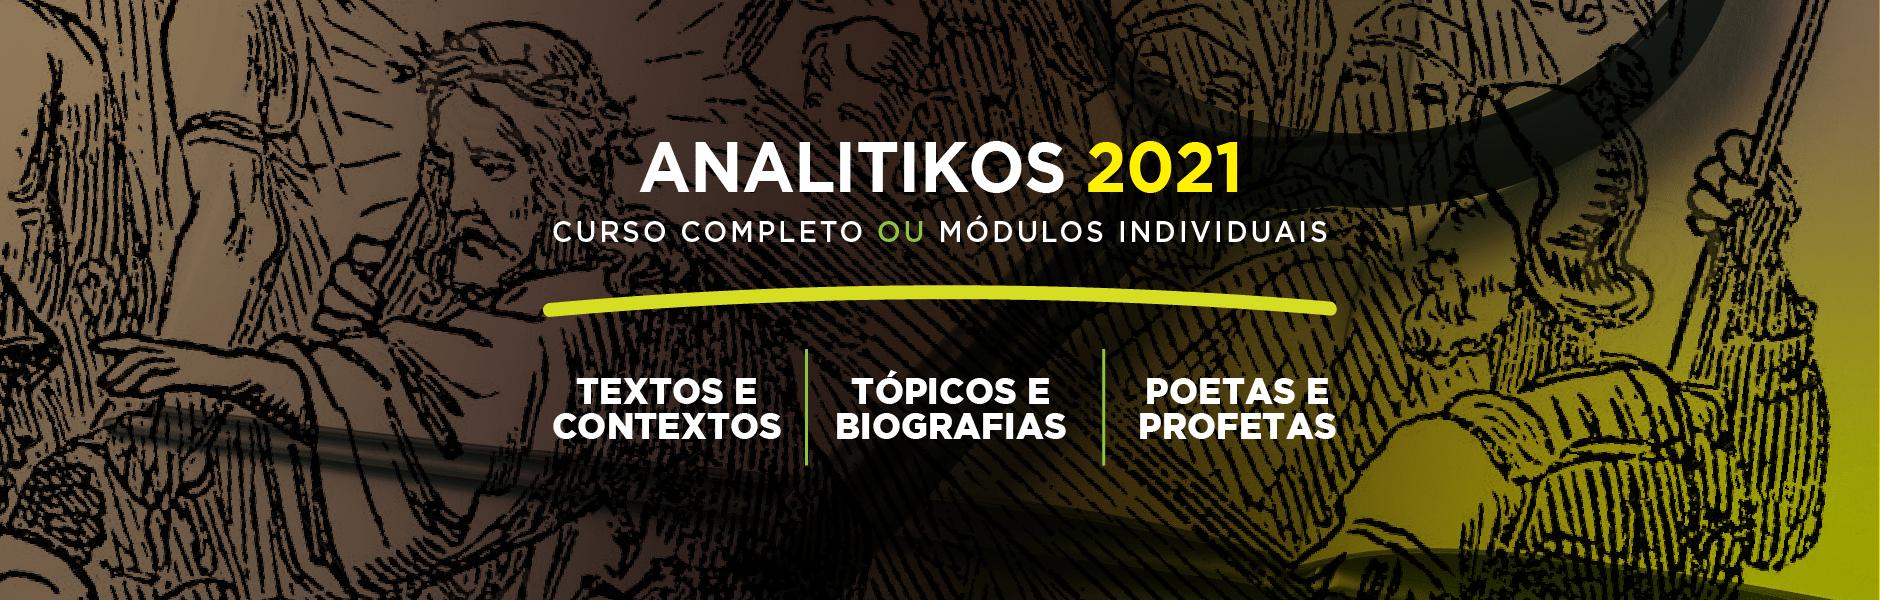 ANALITIKOS 2021 – Curso Completo ou Módulos Individuais